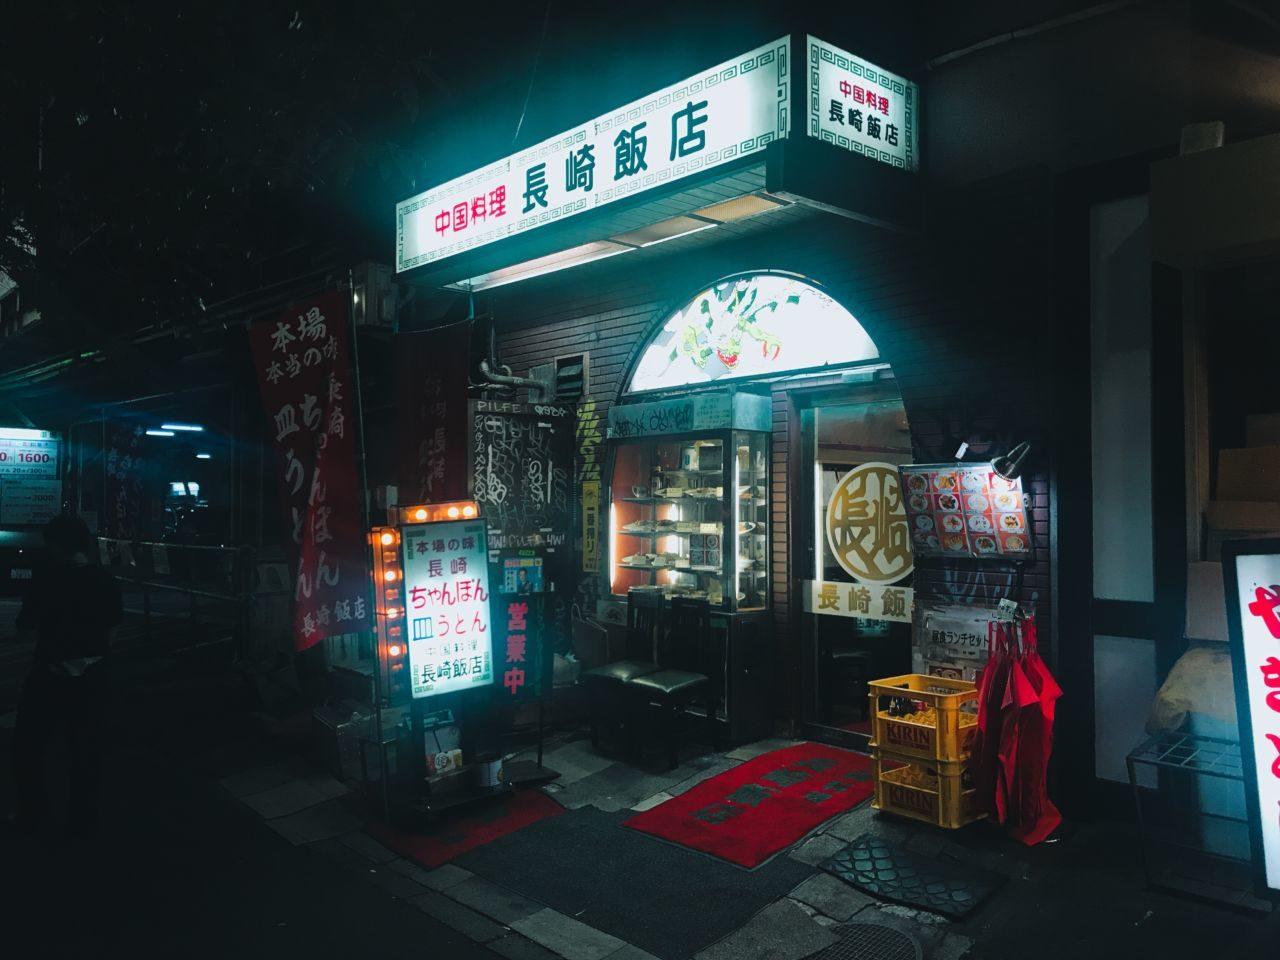 長崎飯店(ナガサキハンテン)渋谷店 外観